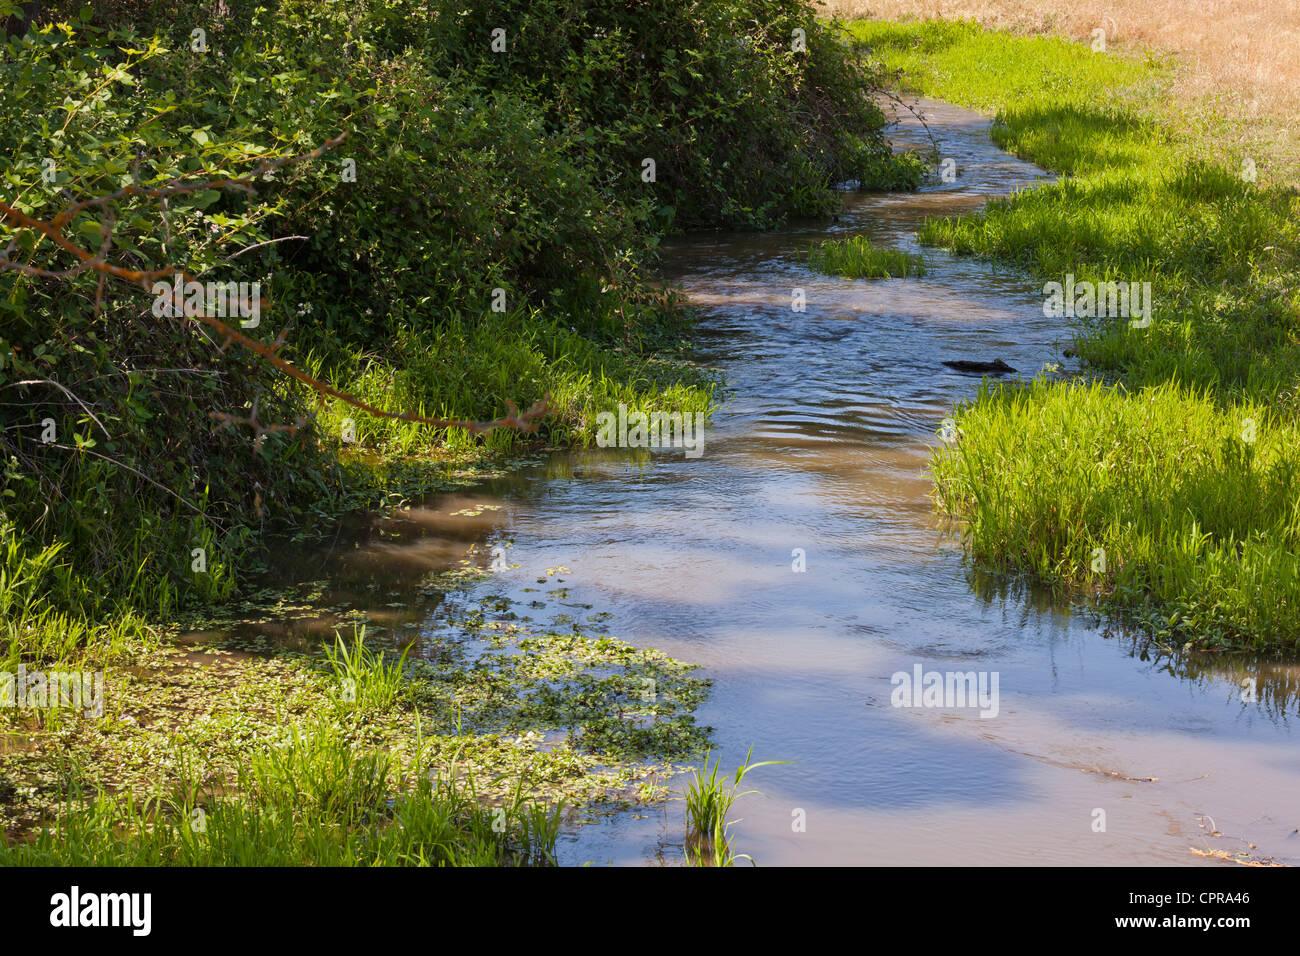 A small grassy stream - Stock Image